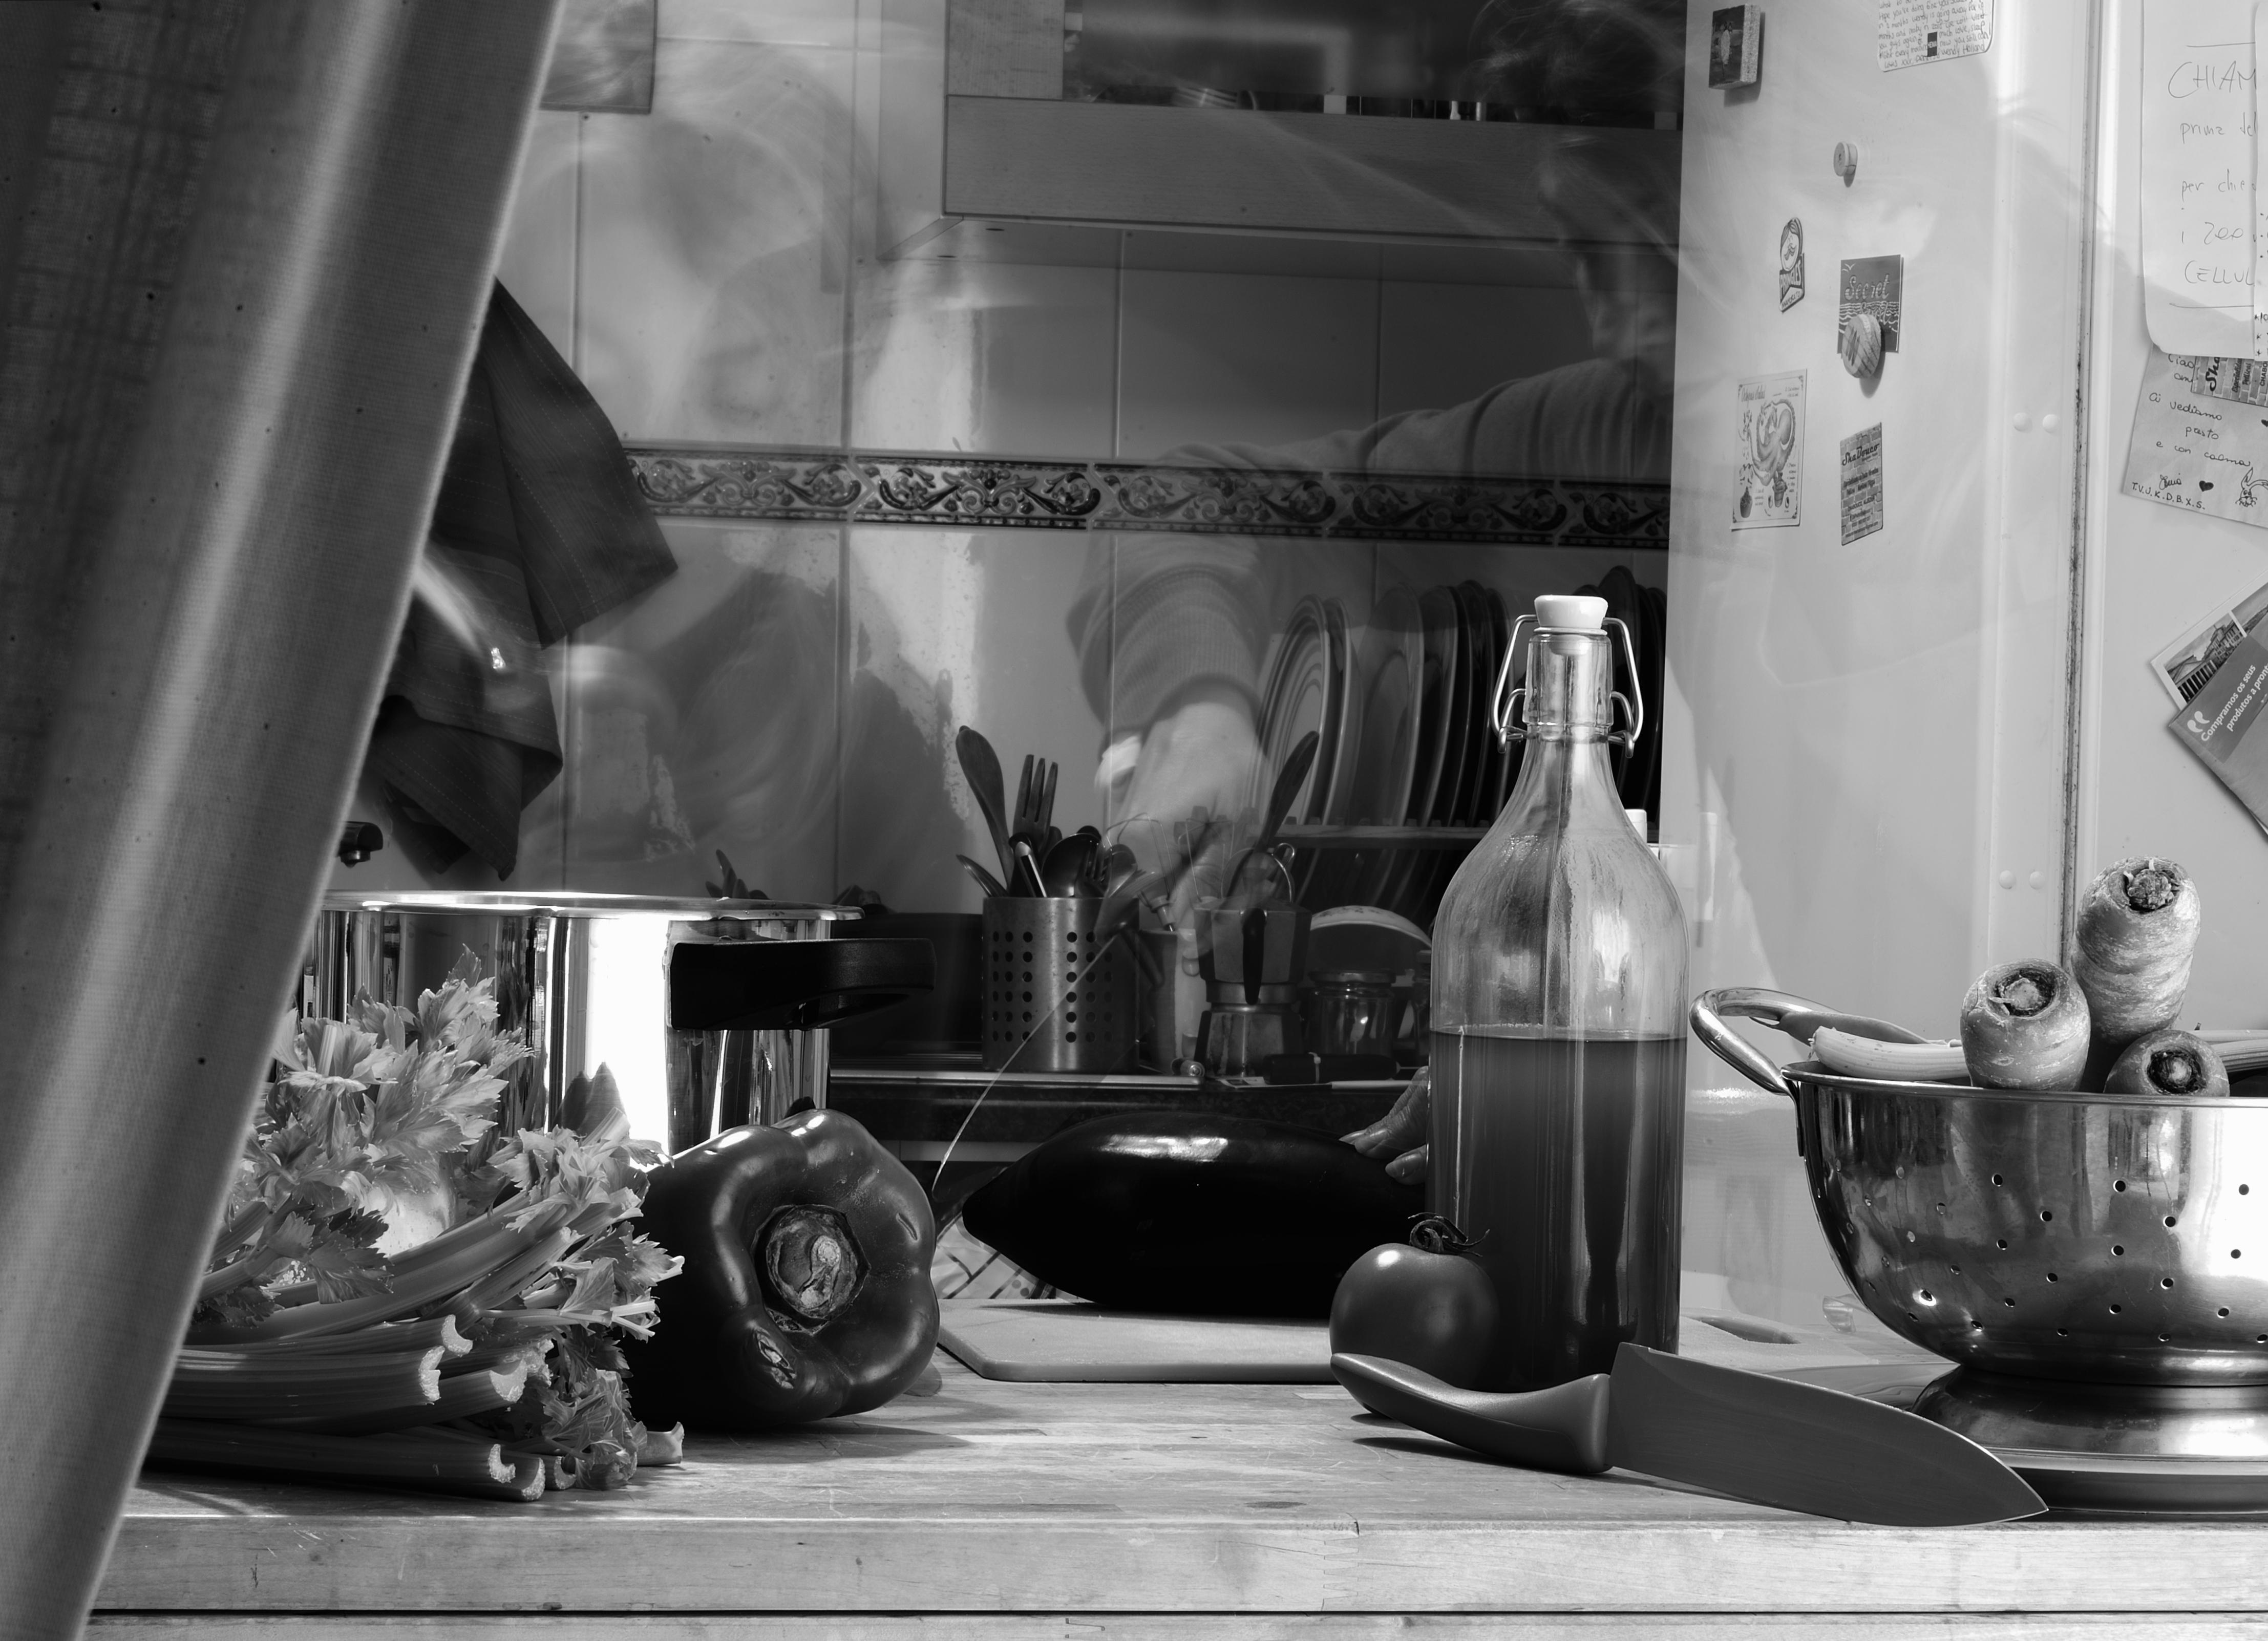 Movimento in cucina. di michele_ambrosini